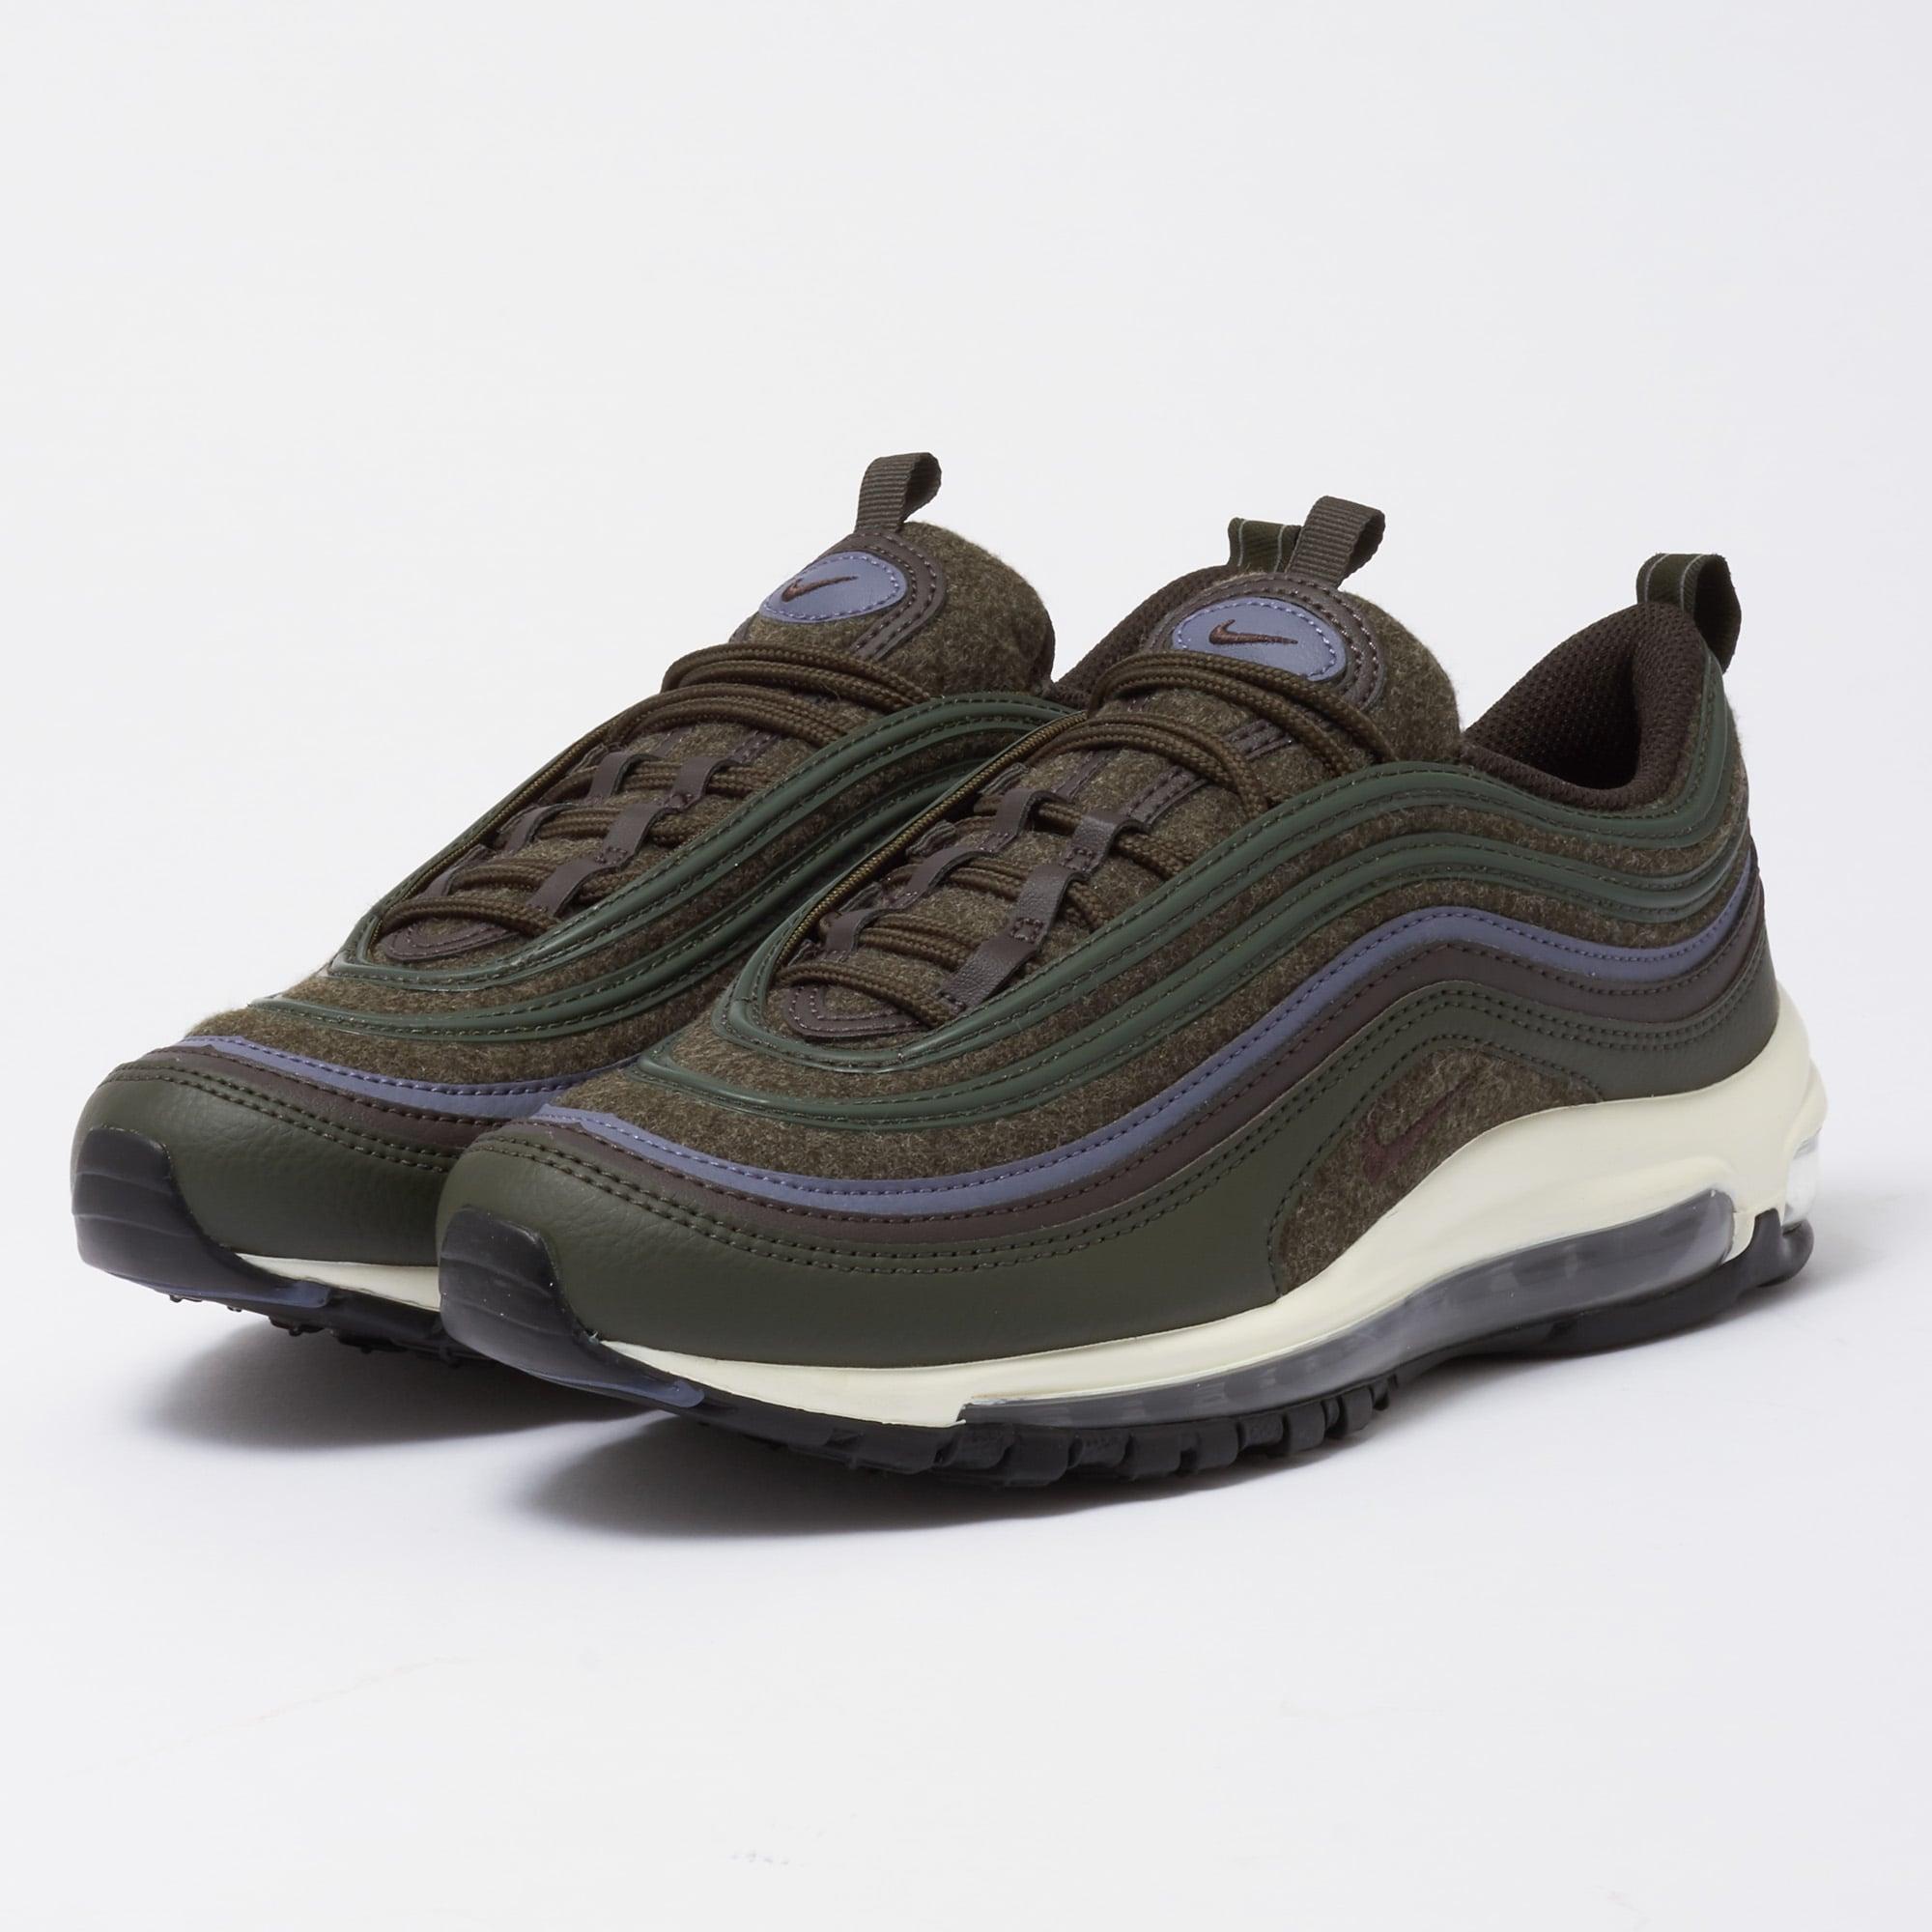 the best attitude e1a13 4b0e6 nike air max 97 mens shoe  sequoia velvet brown air max 97 premium